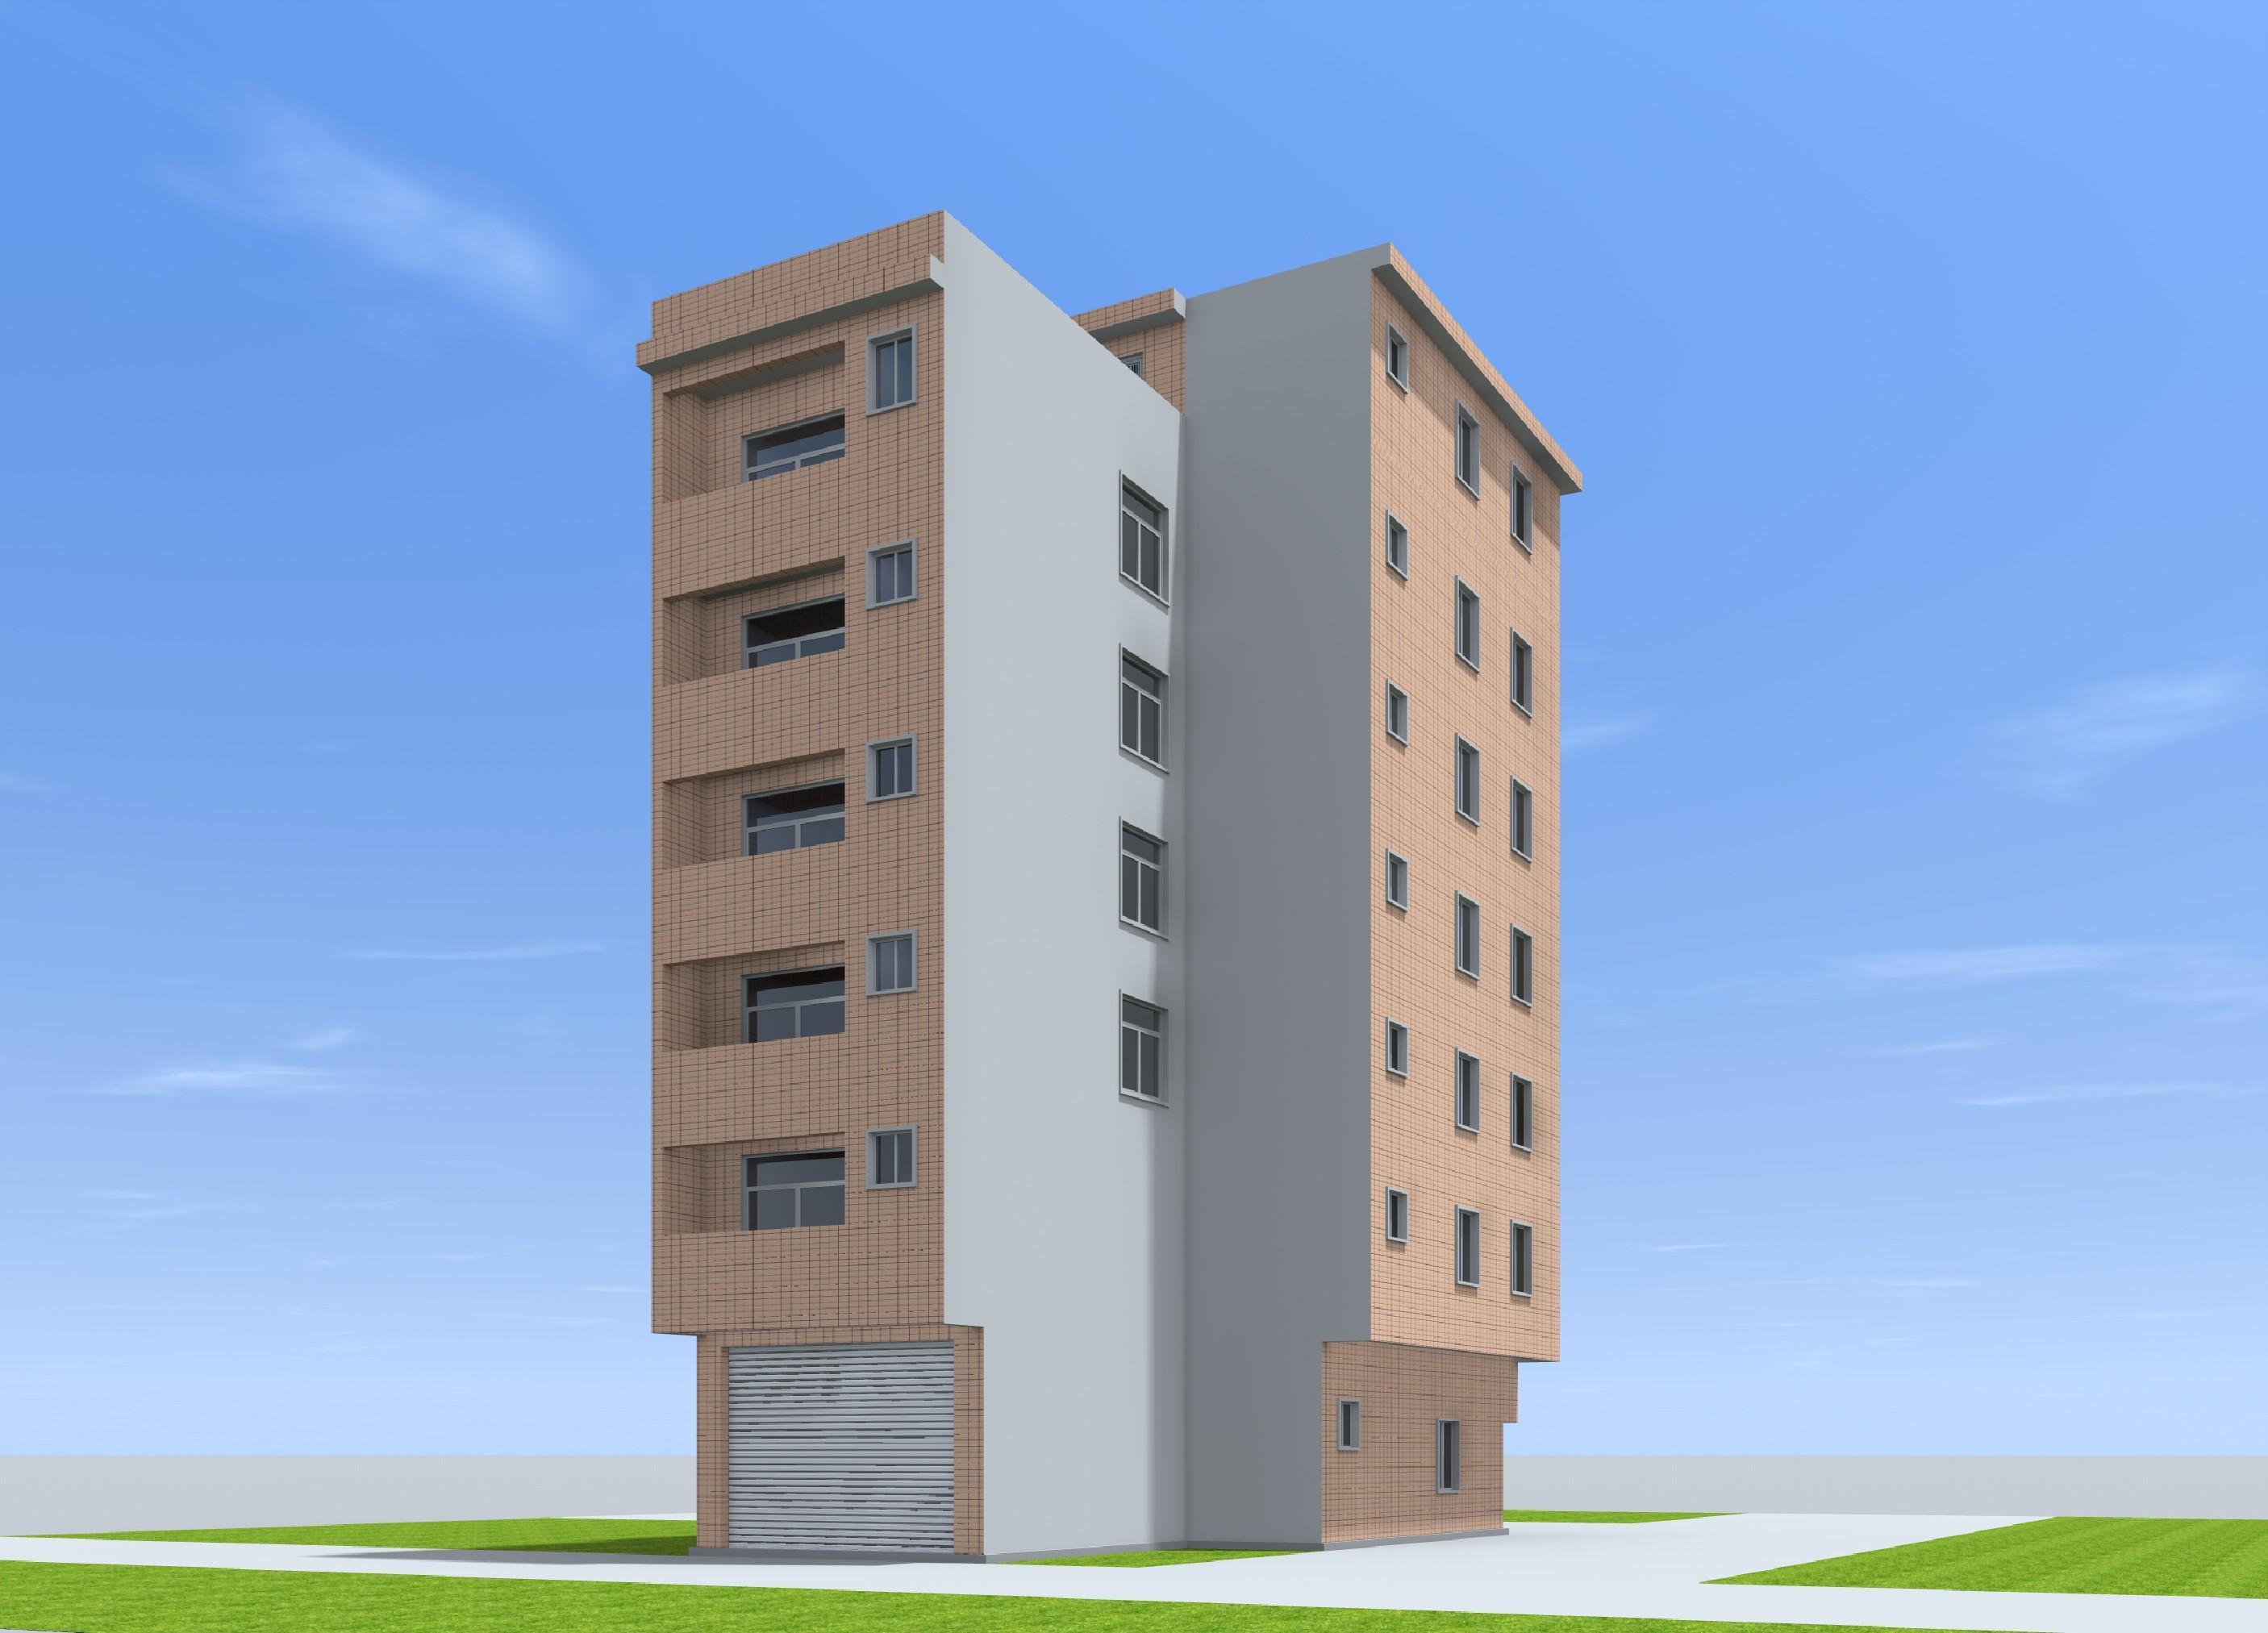 建图纸出租房自楼房设计图建房漫画建筑设计住房个人图片